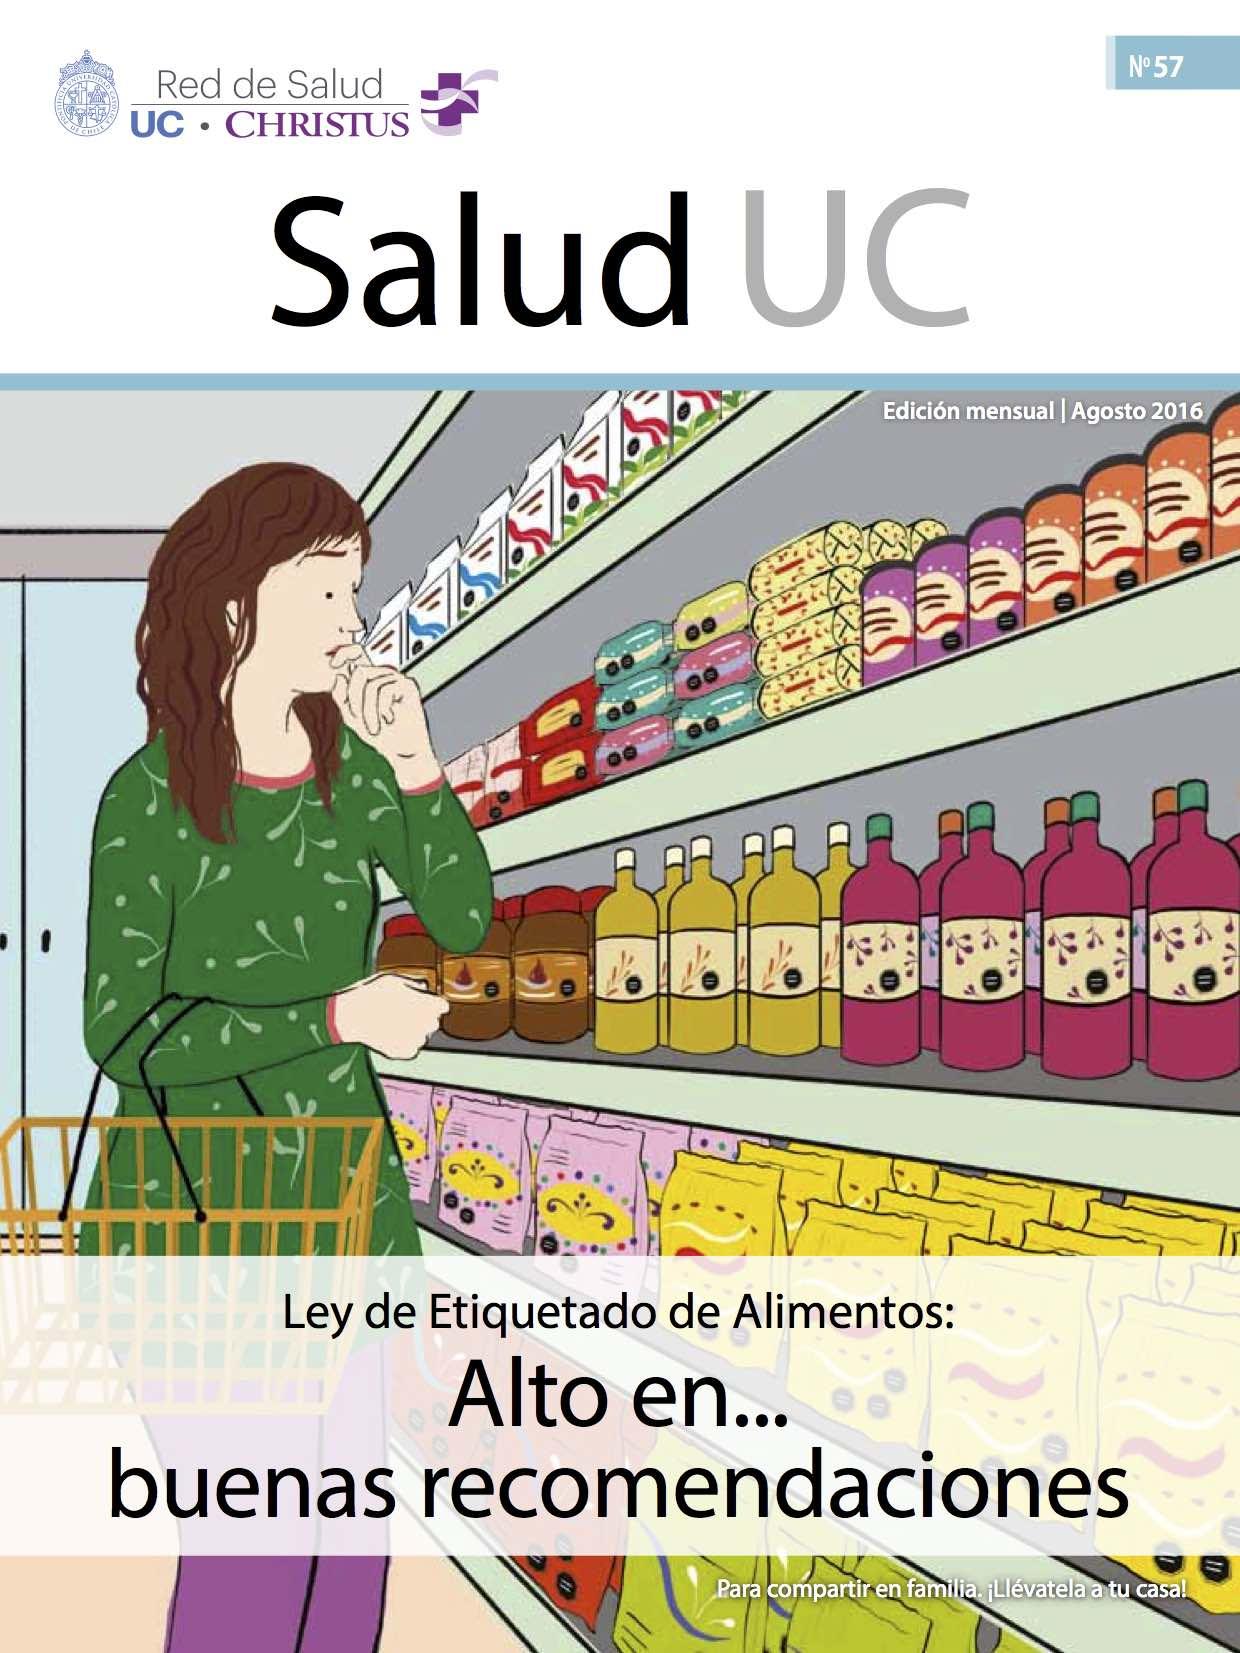 Alopecia androgenéticaRevista salud uc - Entrevista publicada en la Revista Salud UC.DESCARGAR